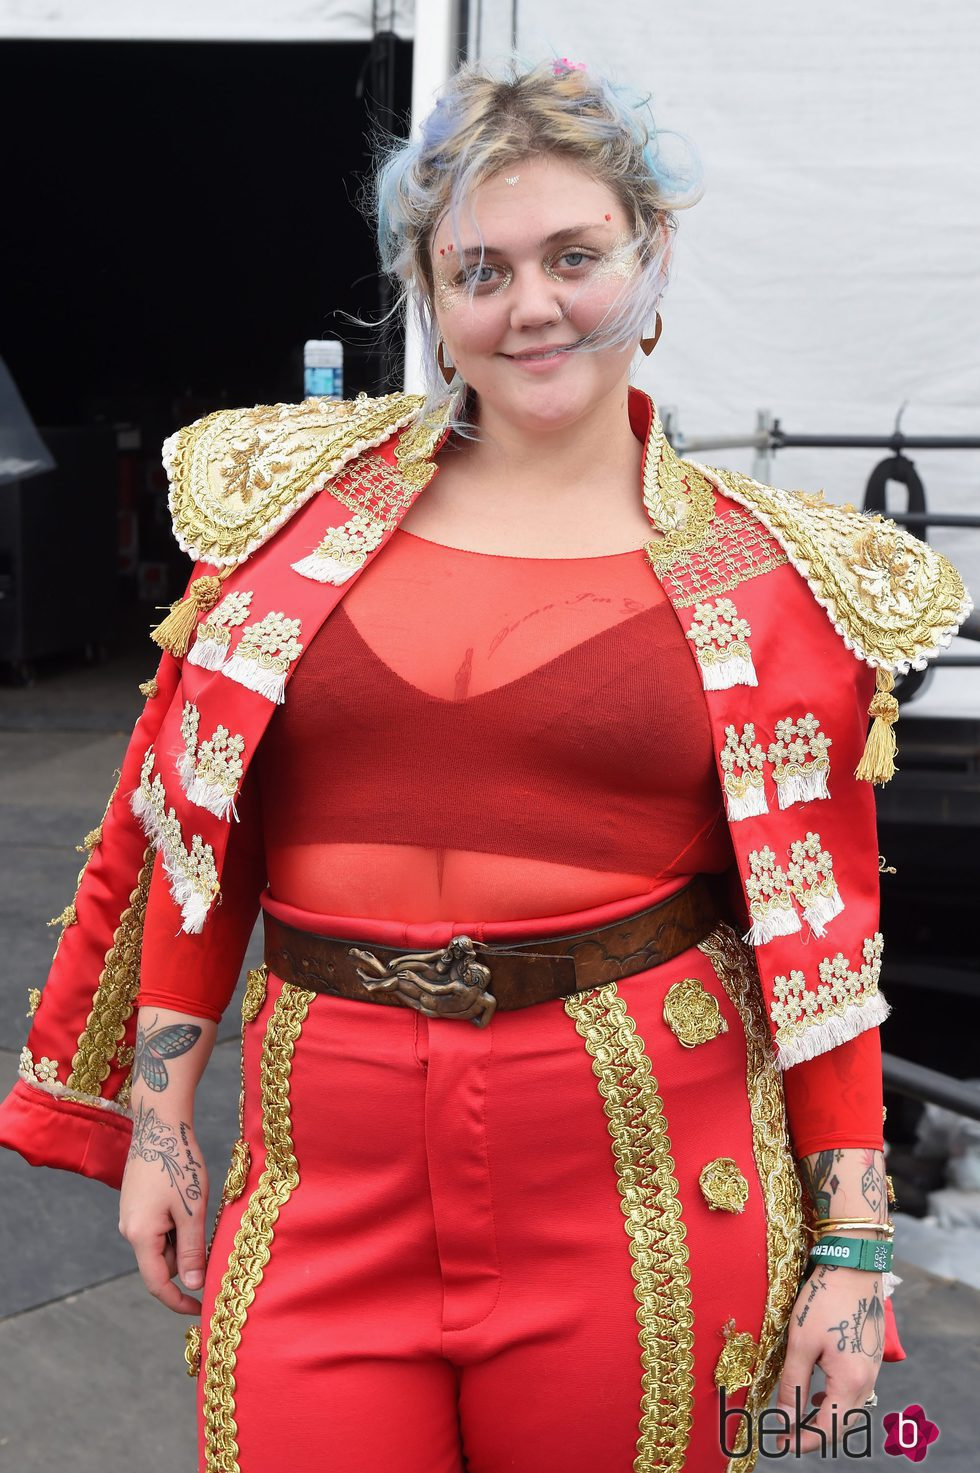 Elle King con el cabello de colores y despeinado